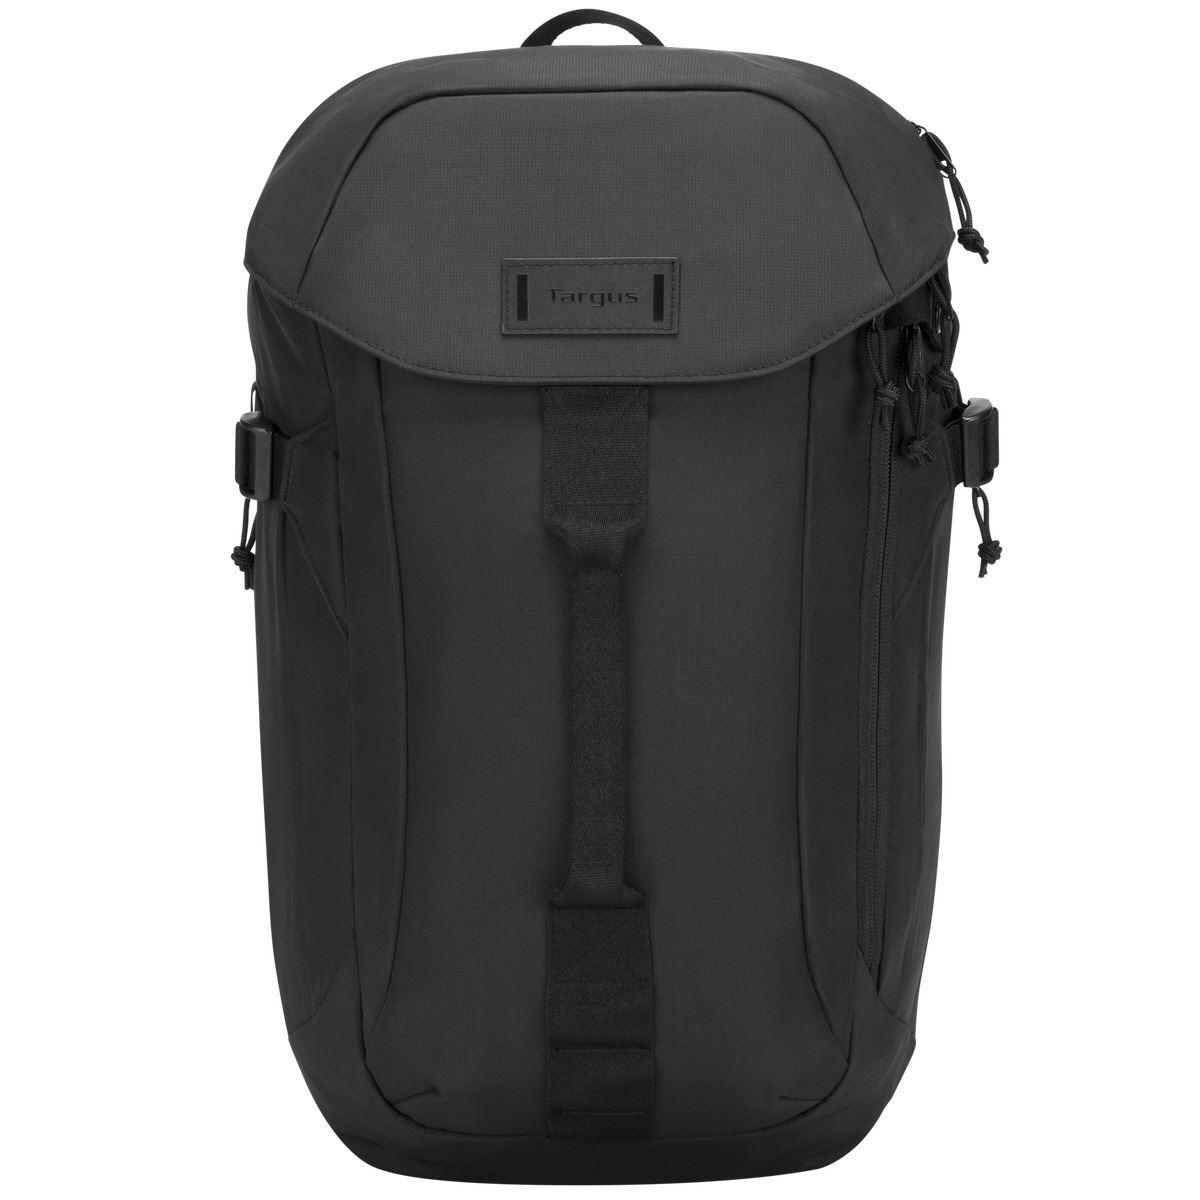 타거스 노트북 백팩 TSB971GL, 블랙